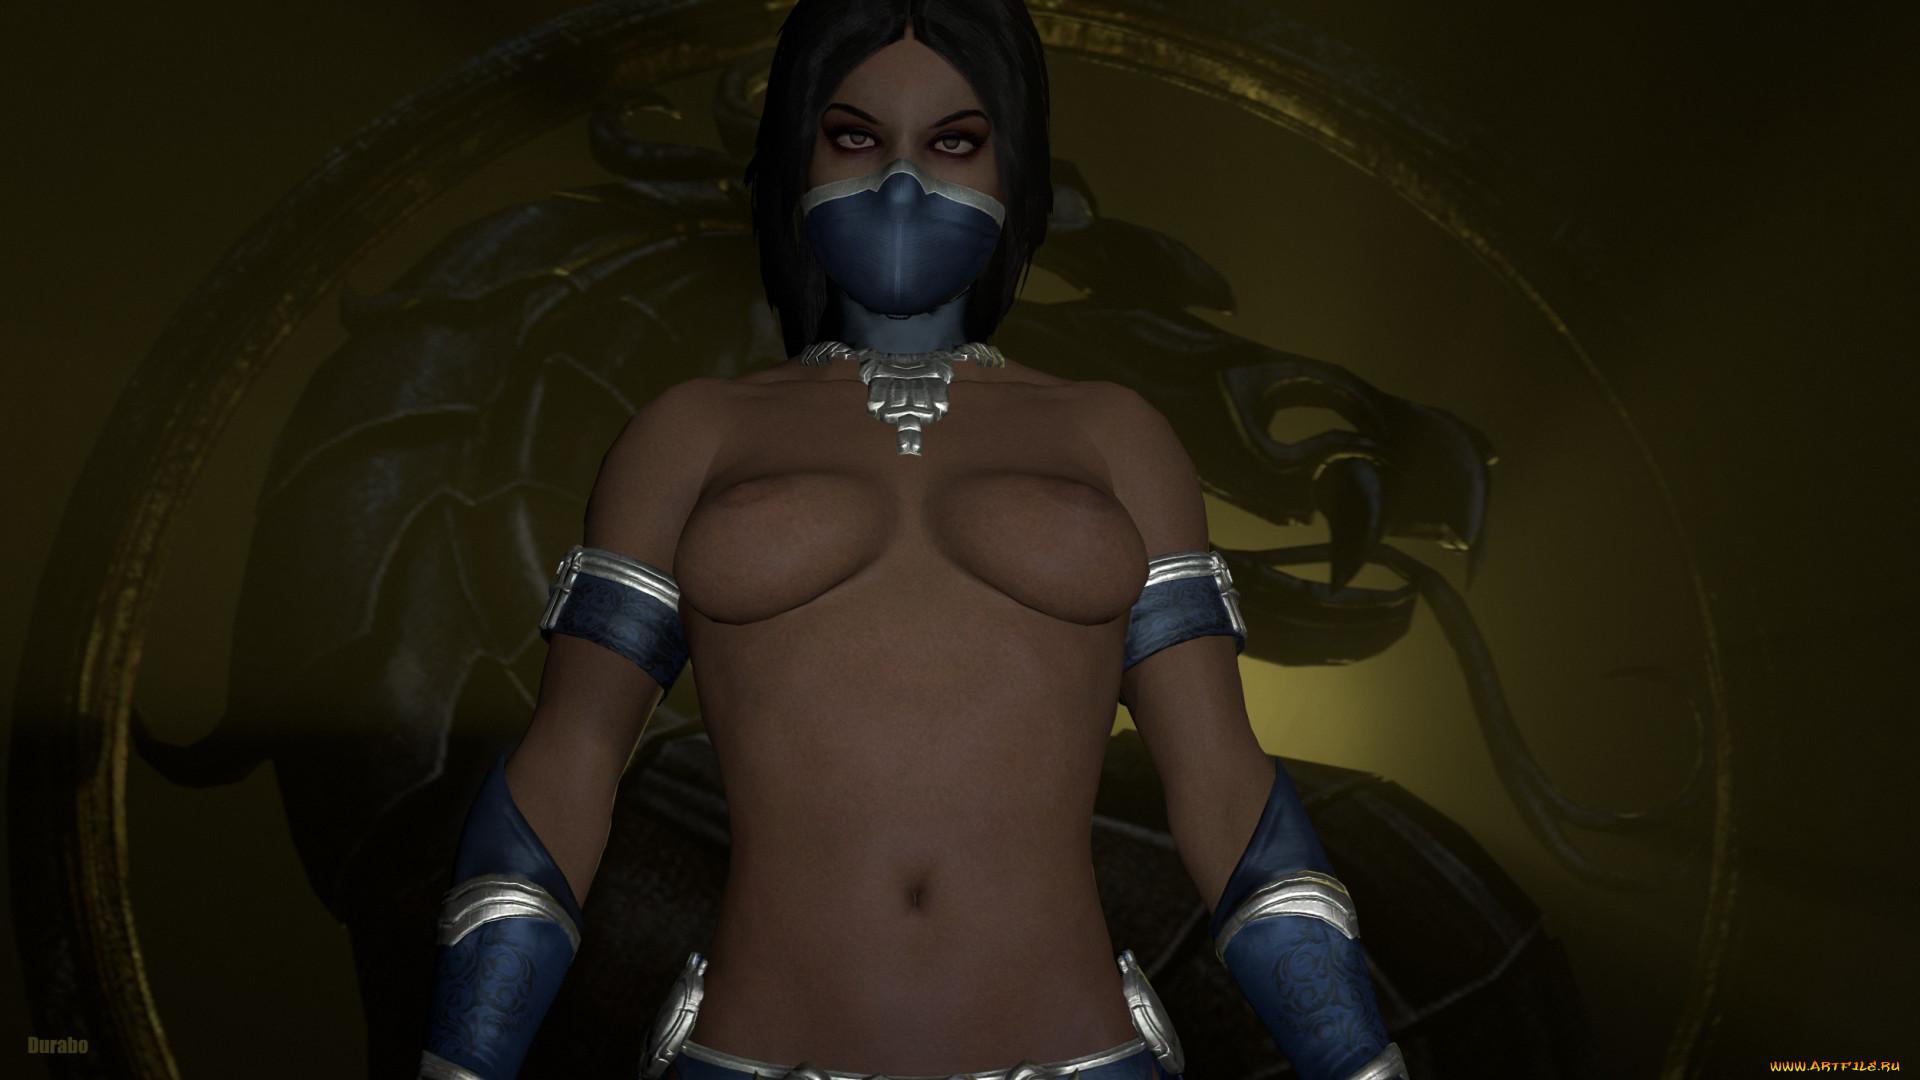 Секс девушки из мортал комбат, Видеозаписи Sexual Games: Секс в компьютерных играх 7 фотография